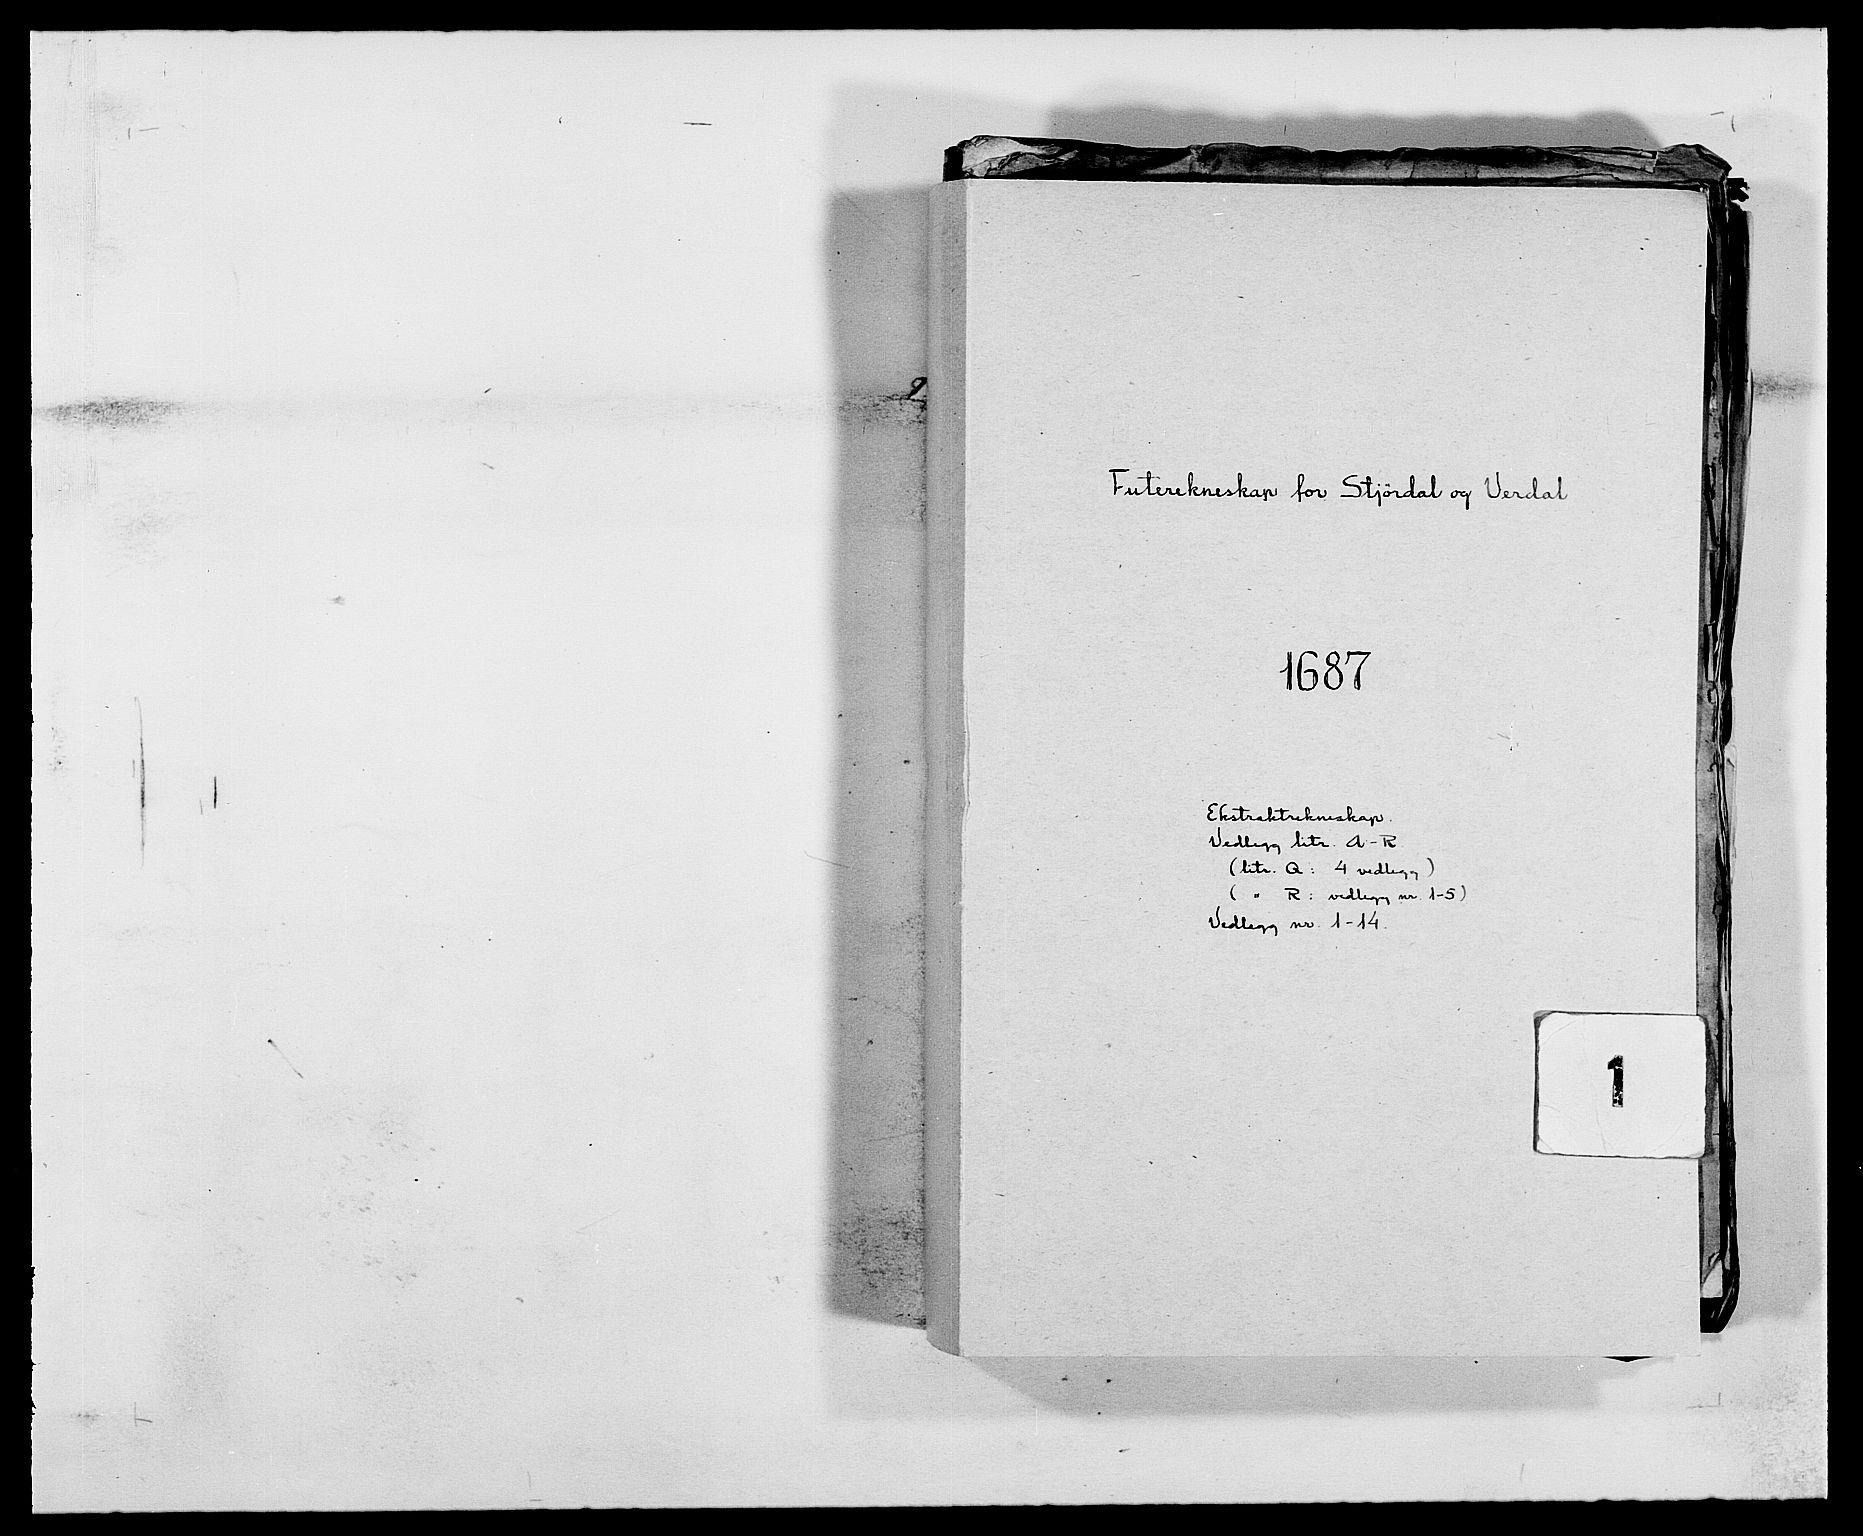 RA, Rentekammeret inntil 1814, Reviderte regnskaper, Fogderegnskap, R62/L4183: Fogderegnskap Stjørdal og Verdal, 1687-1689, s. 1